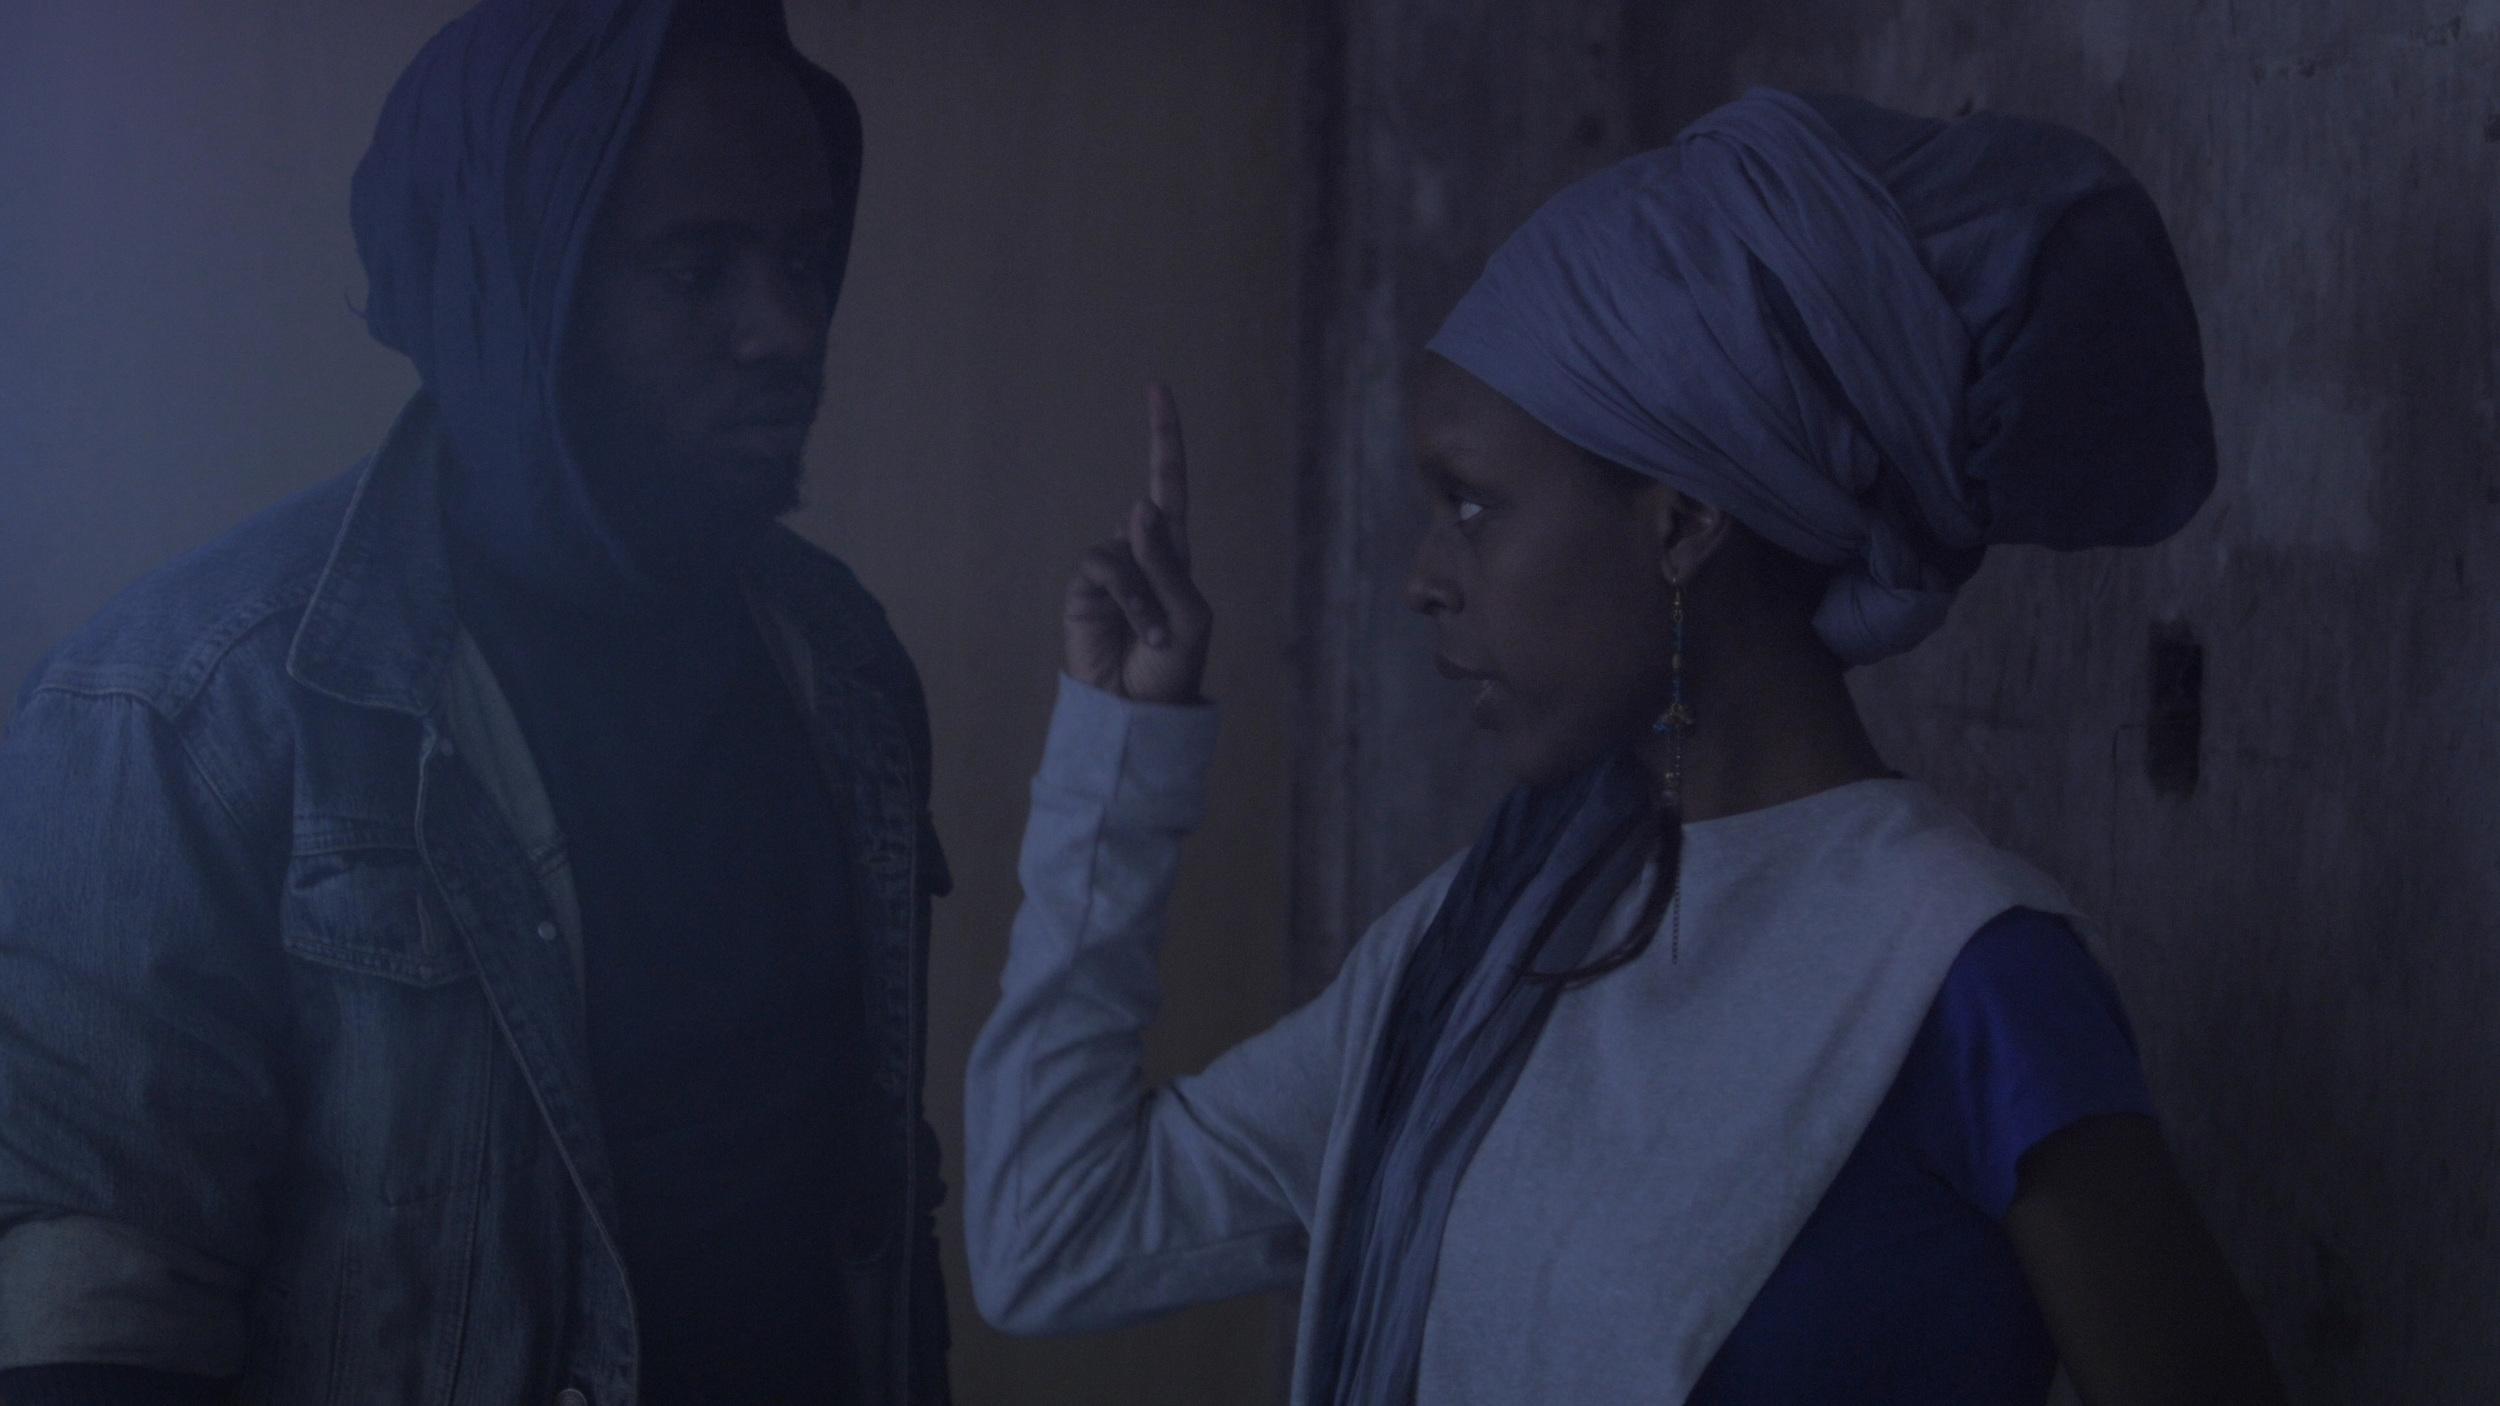 Biko/Jonah (Tim King'oo)and Mwarabu (Njambi Koikai) are Tuko Macho.